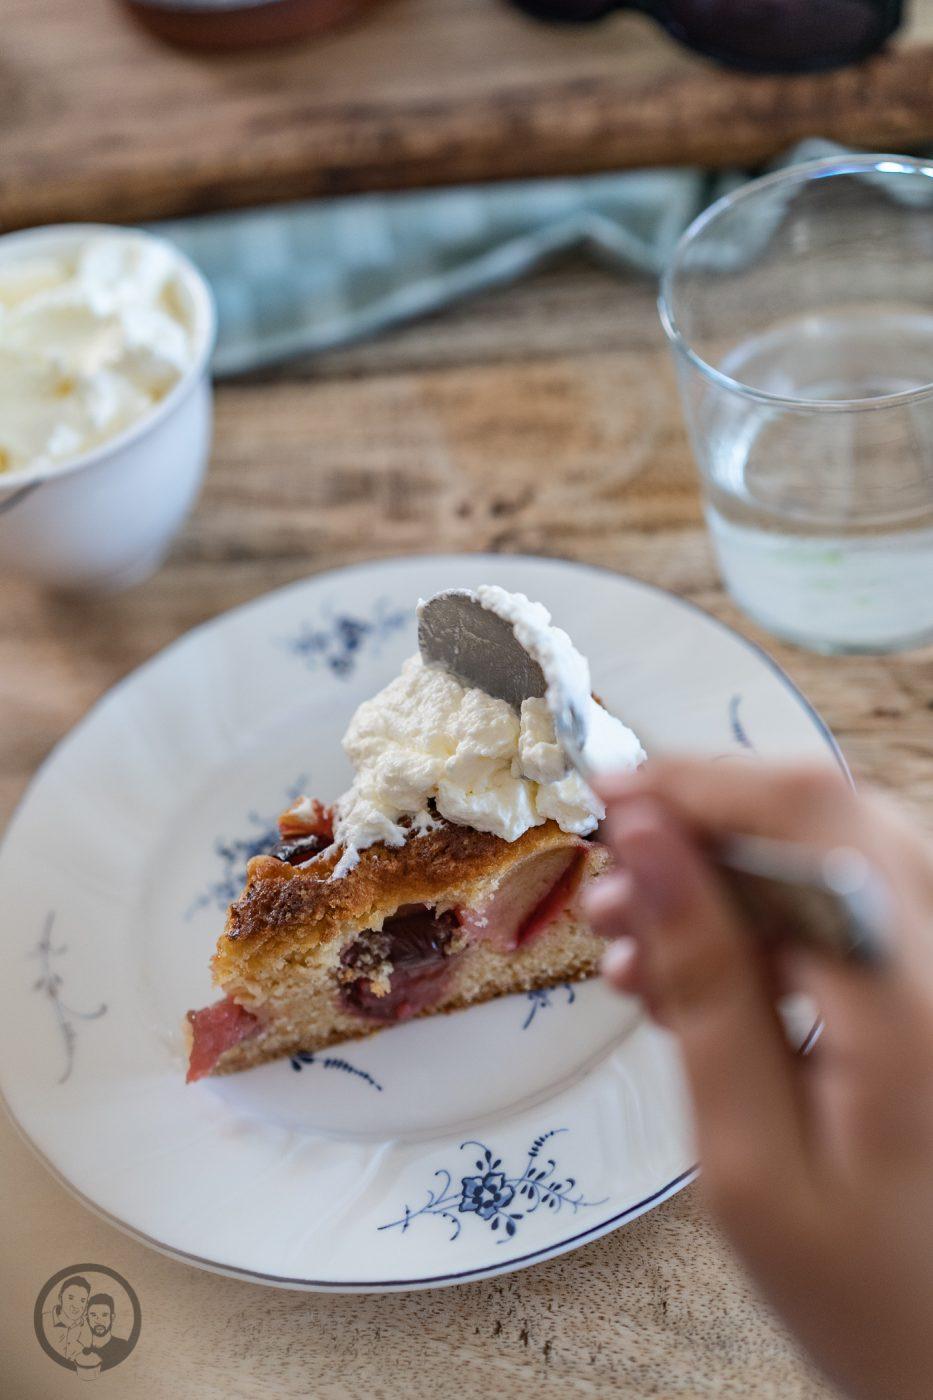 Schneller Pflaumenkuchen 5 | Vor fast einem Jahr hatten wir die Ehre, einen Gastbeitrag zu schreiben. Und zwar hatte damals Toni von Antonella's Backblog, einige liebe Bloggerkollegen gefragt, ob sie eine Art Urlaubsvertretung für sie machen könnten. Und bei so etwas, sind wir immer gerne dabei, wenn wir selber Zeit haben. Und was für ein Rezept ist es geworden? Schneller Pflaumenkuchen.